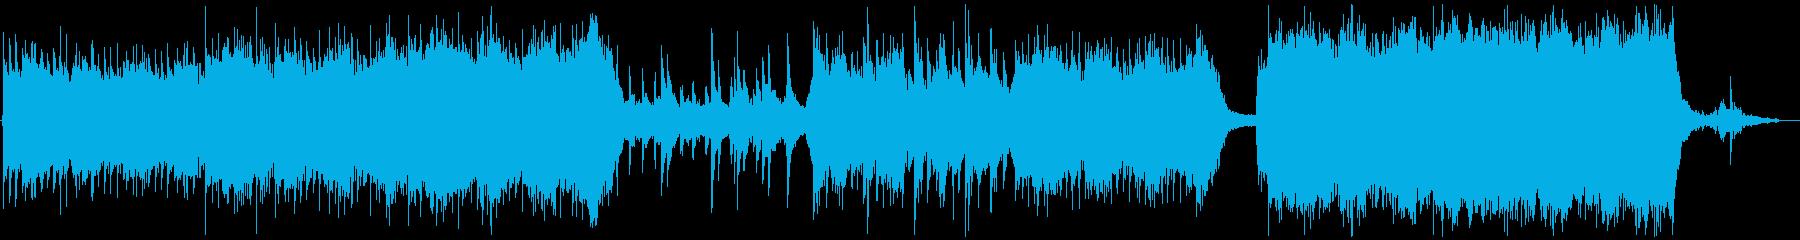 エモーショナルオーケストラ/ジングルの再生済みの波形